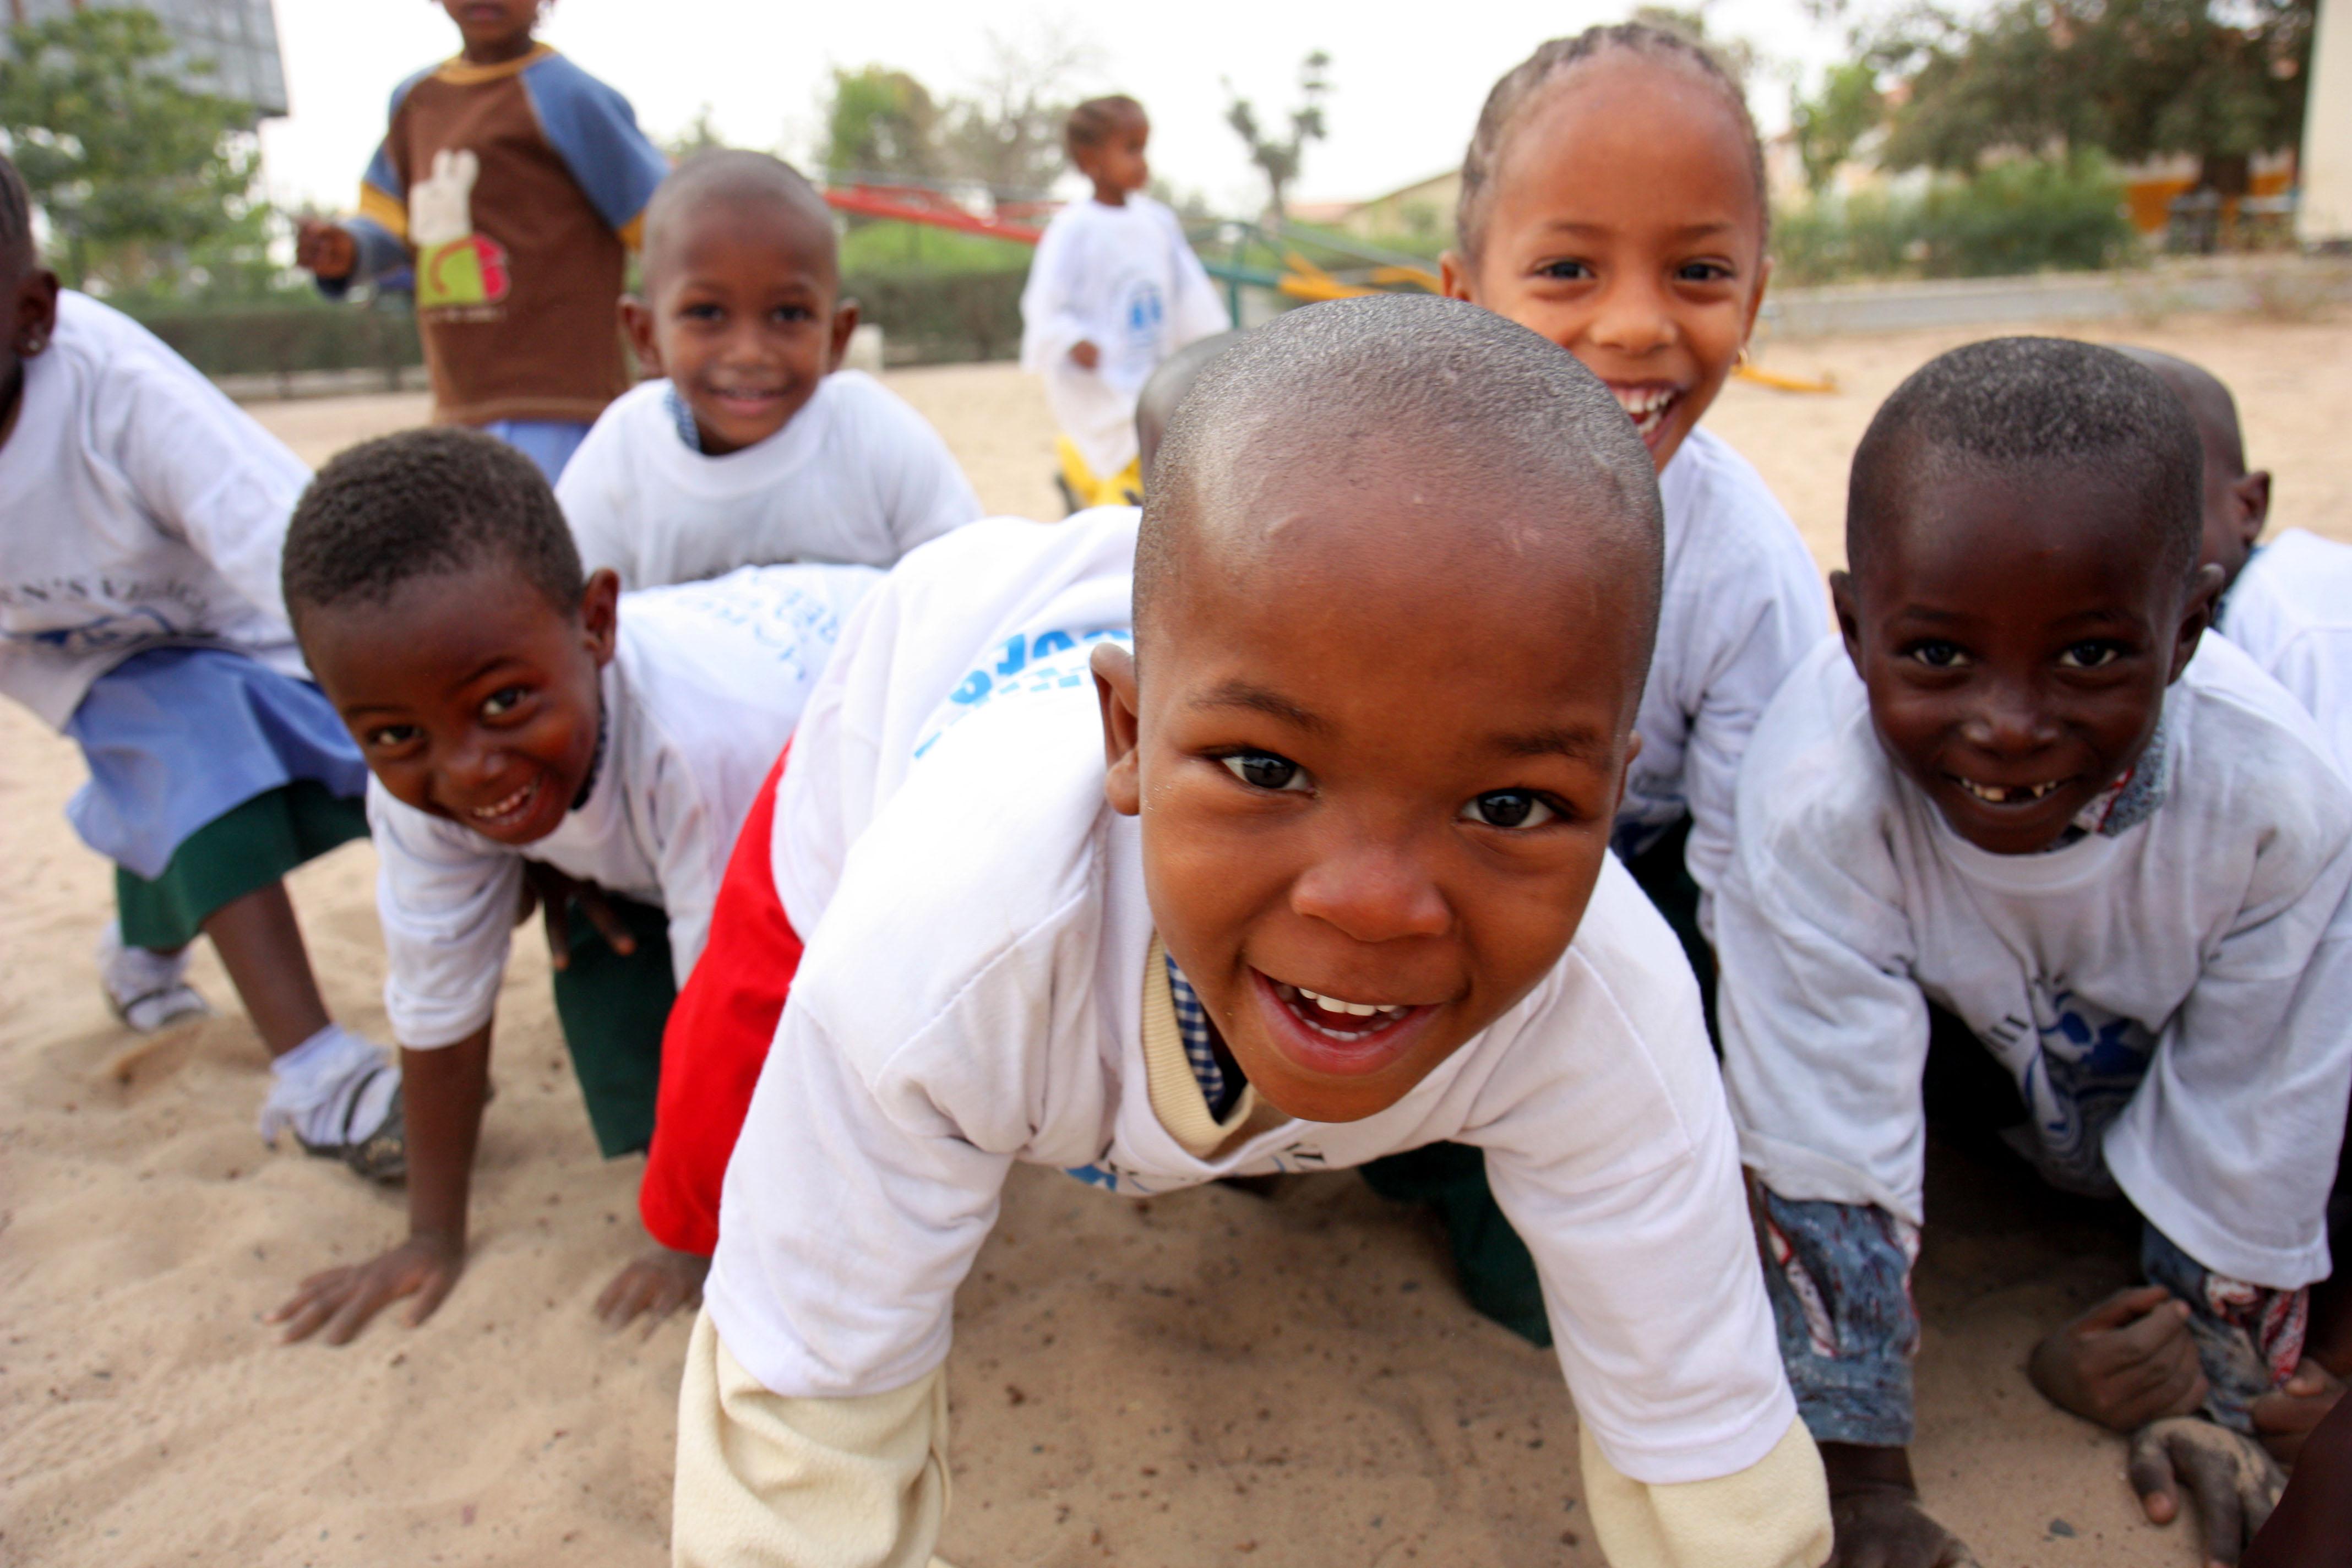 Basse - SOS Children's Villages International